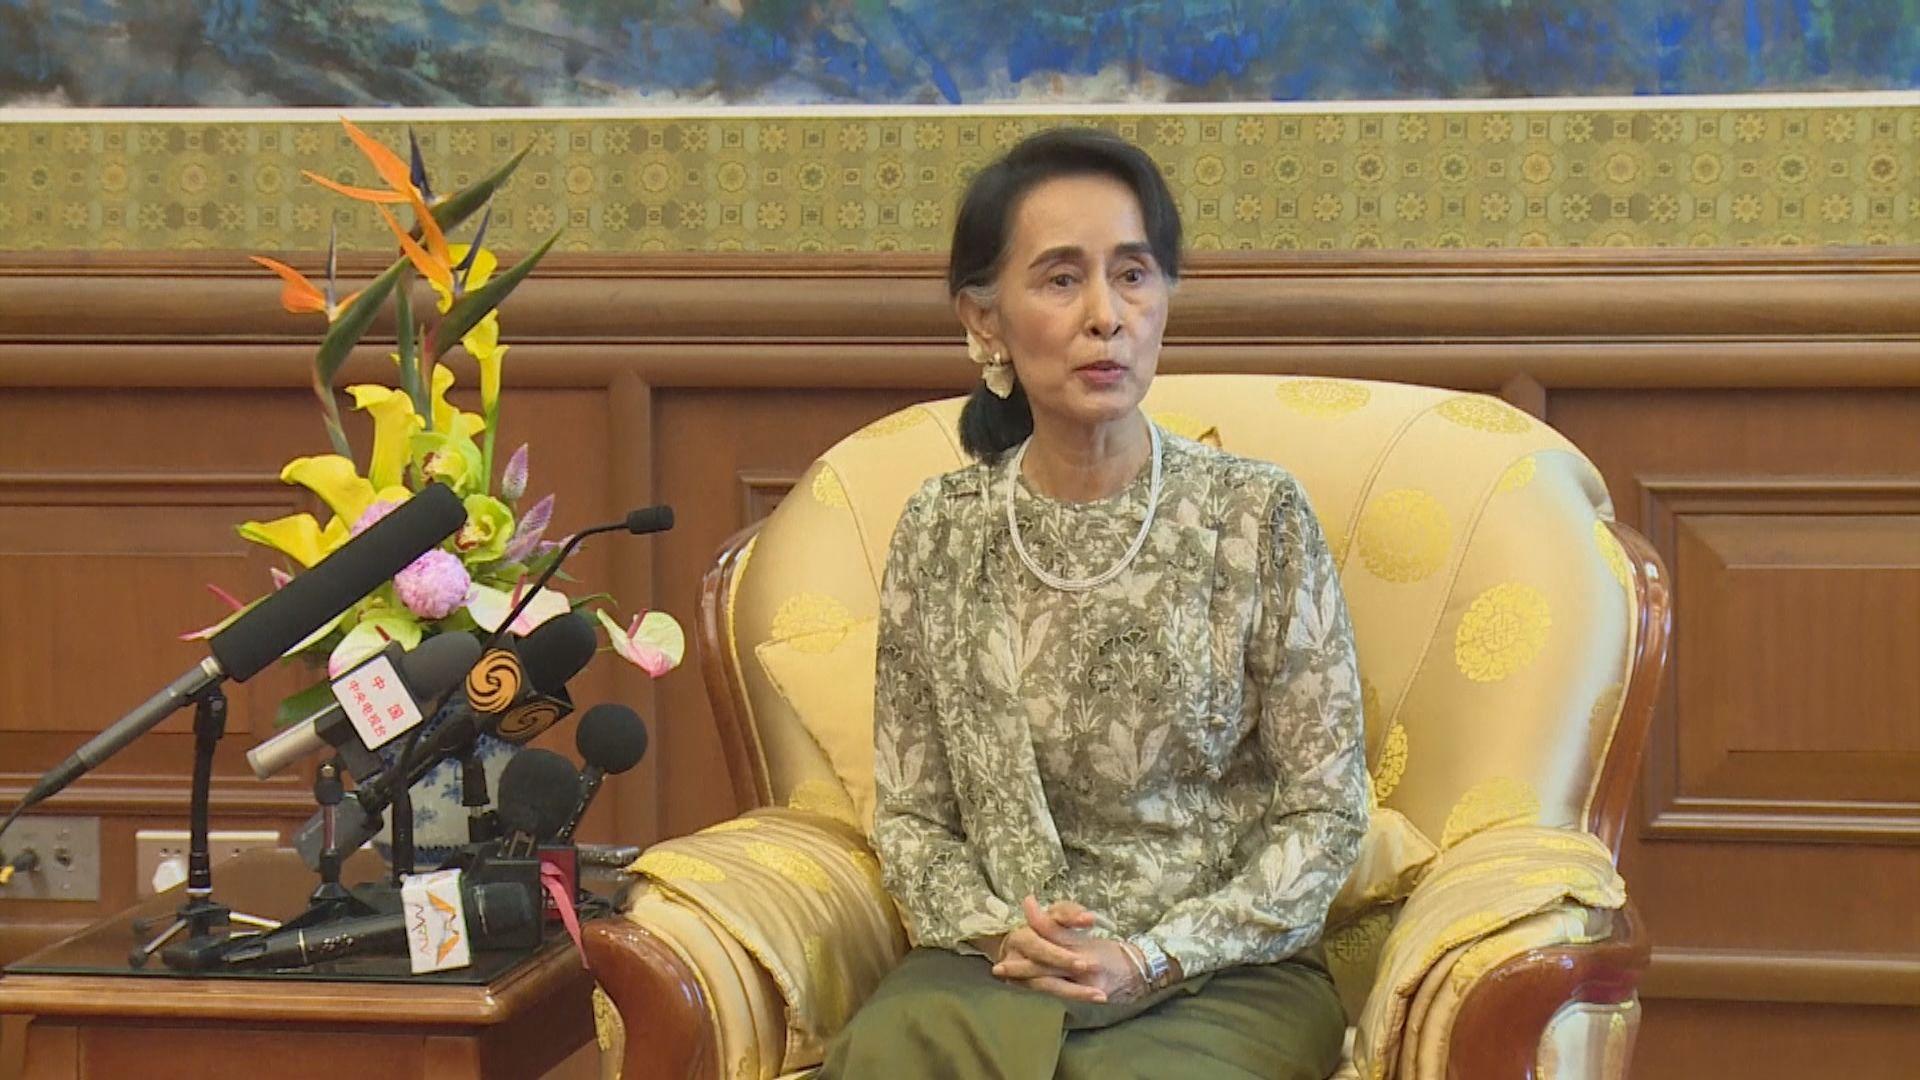 昂山素姬及溫敏被起訴扣押至本月中 緬甸禁國民用FB